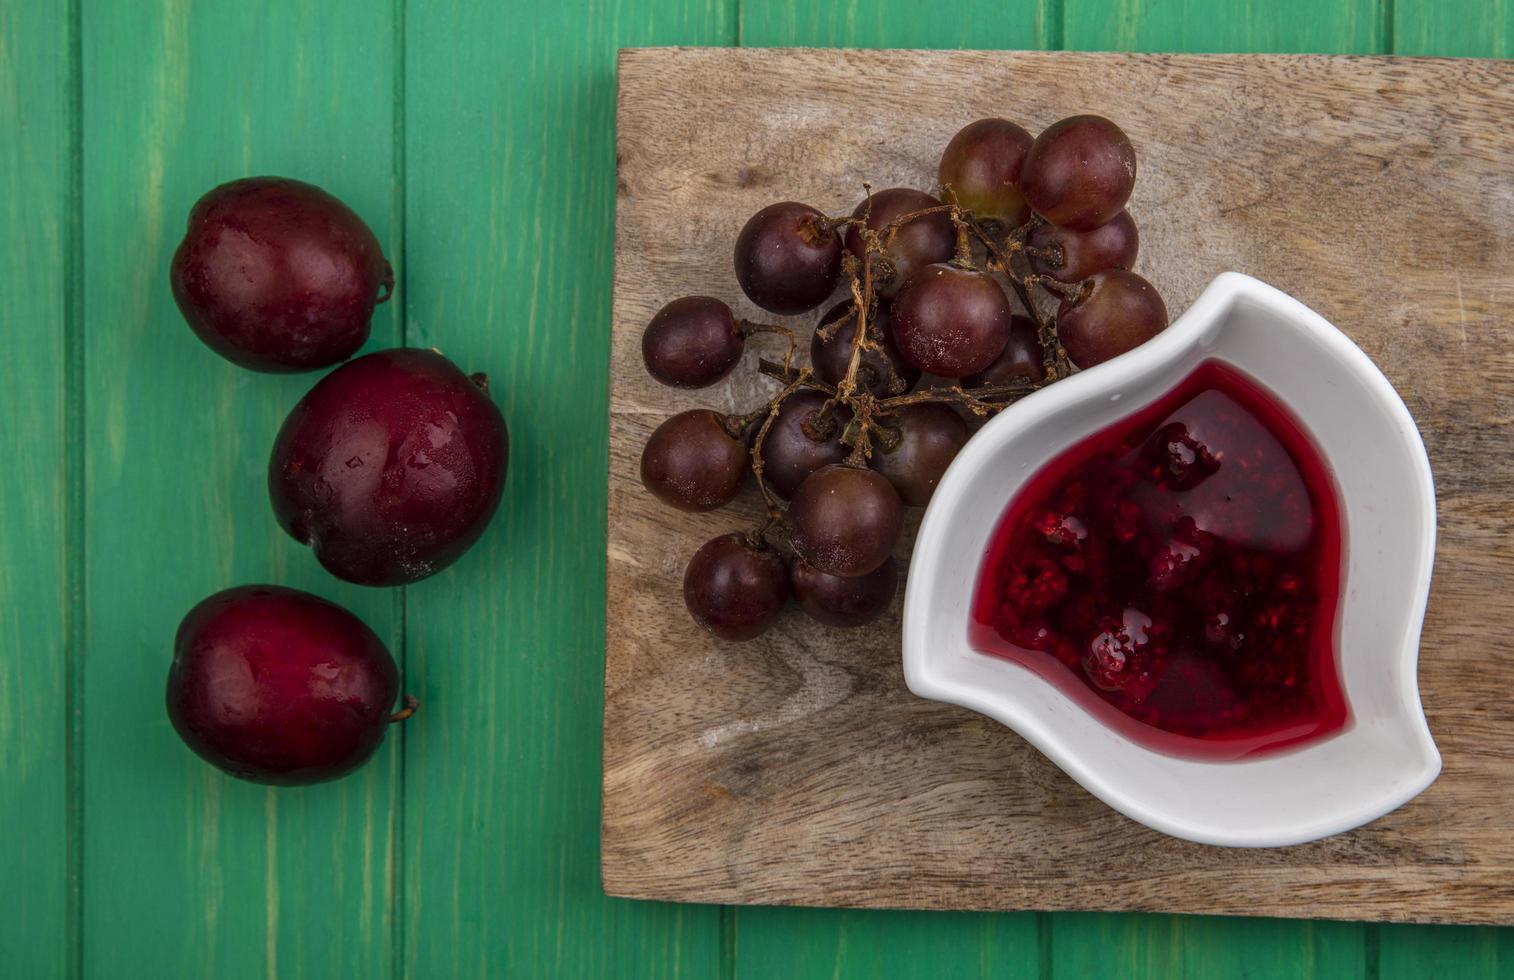 frutta fresca con marmellata di lamponi sul tagliere su sfondo verde foto